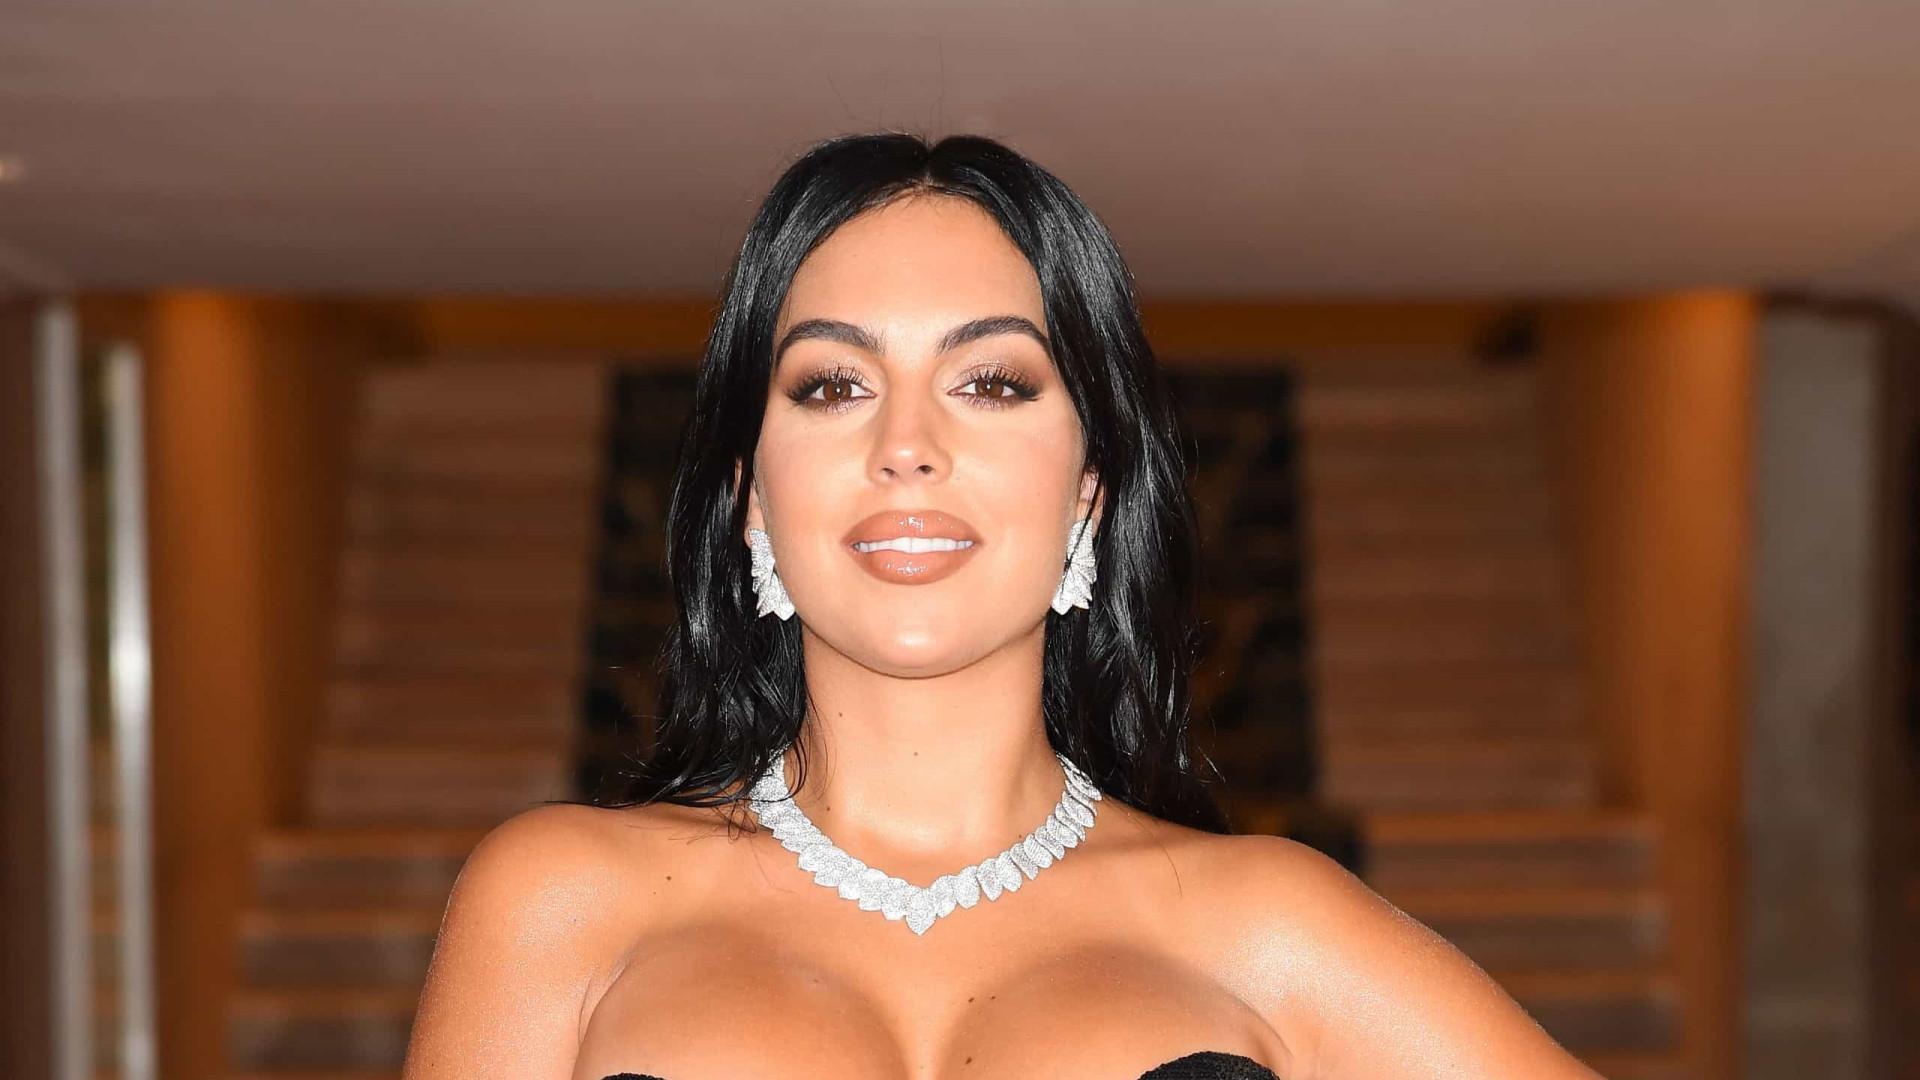 Georgina Rodríguez ganha reality show sobre a sua vida. CR7 reage